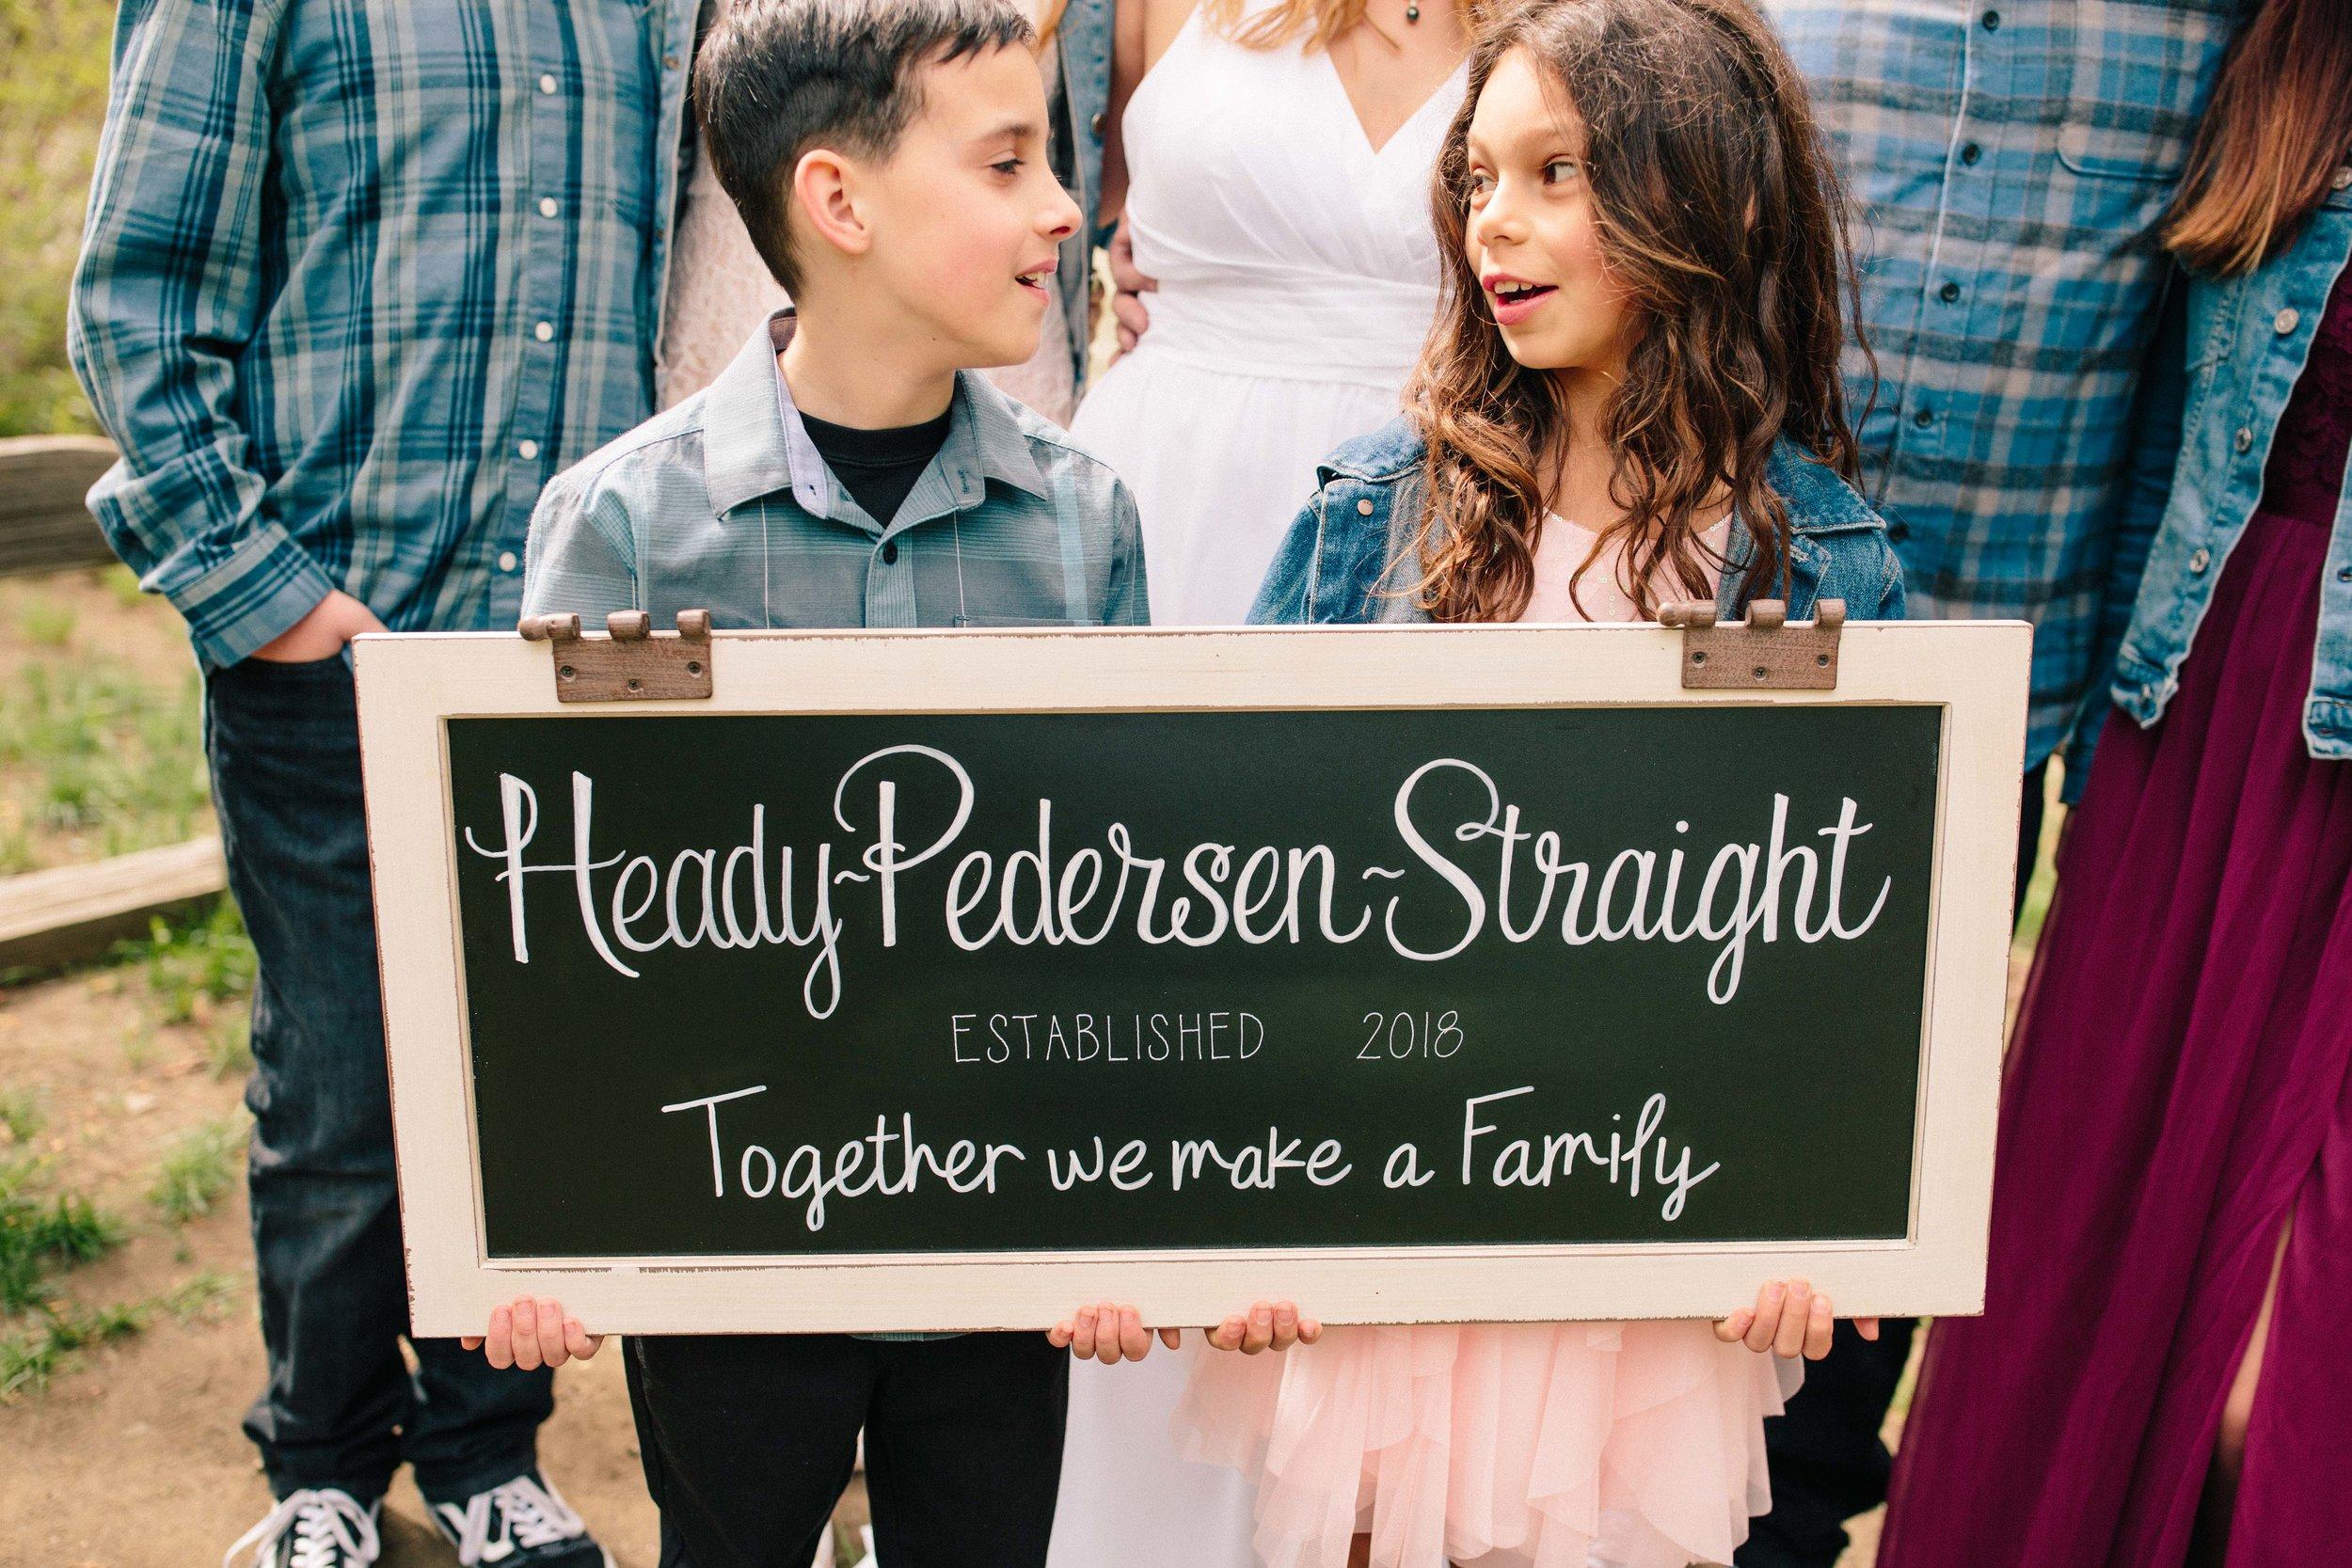 Heady-Pedersen-StraightWedding-BLOG-60.jpg